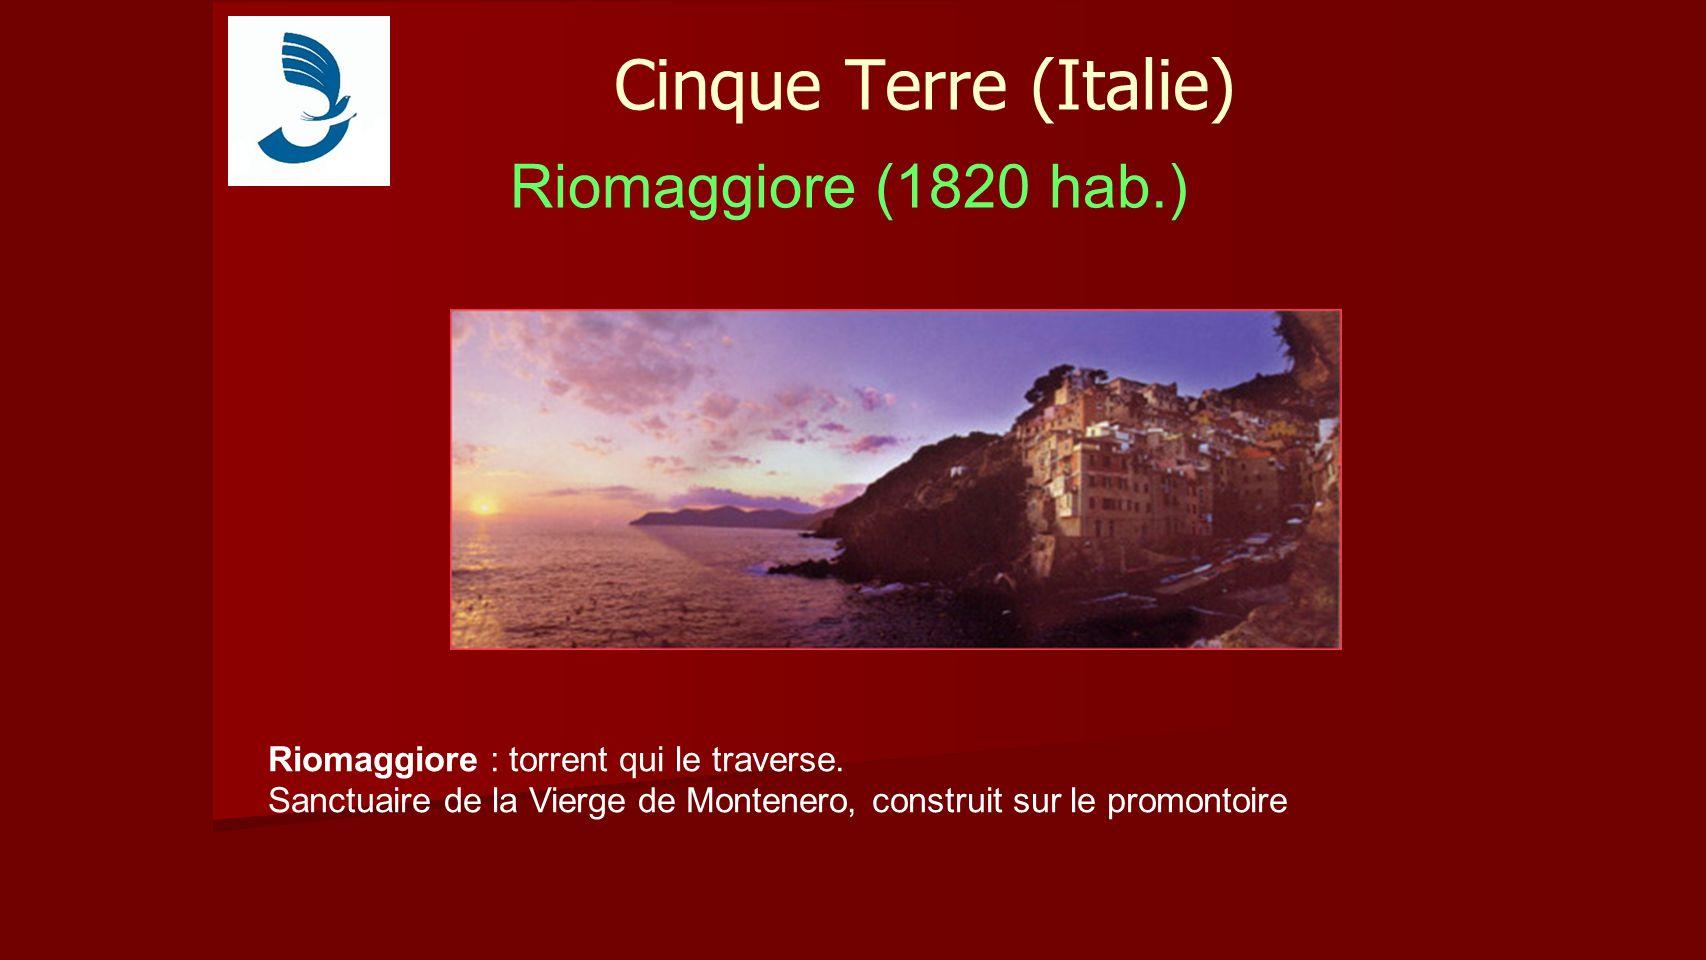 Cinque Terre (Italie) Riomaggiore (1820 hab.) Riomaggiore : torrent qui le traverse. Sanctuaire de la Vierge de Montenero, construit sur le promontoir